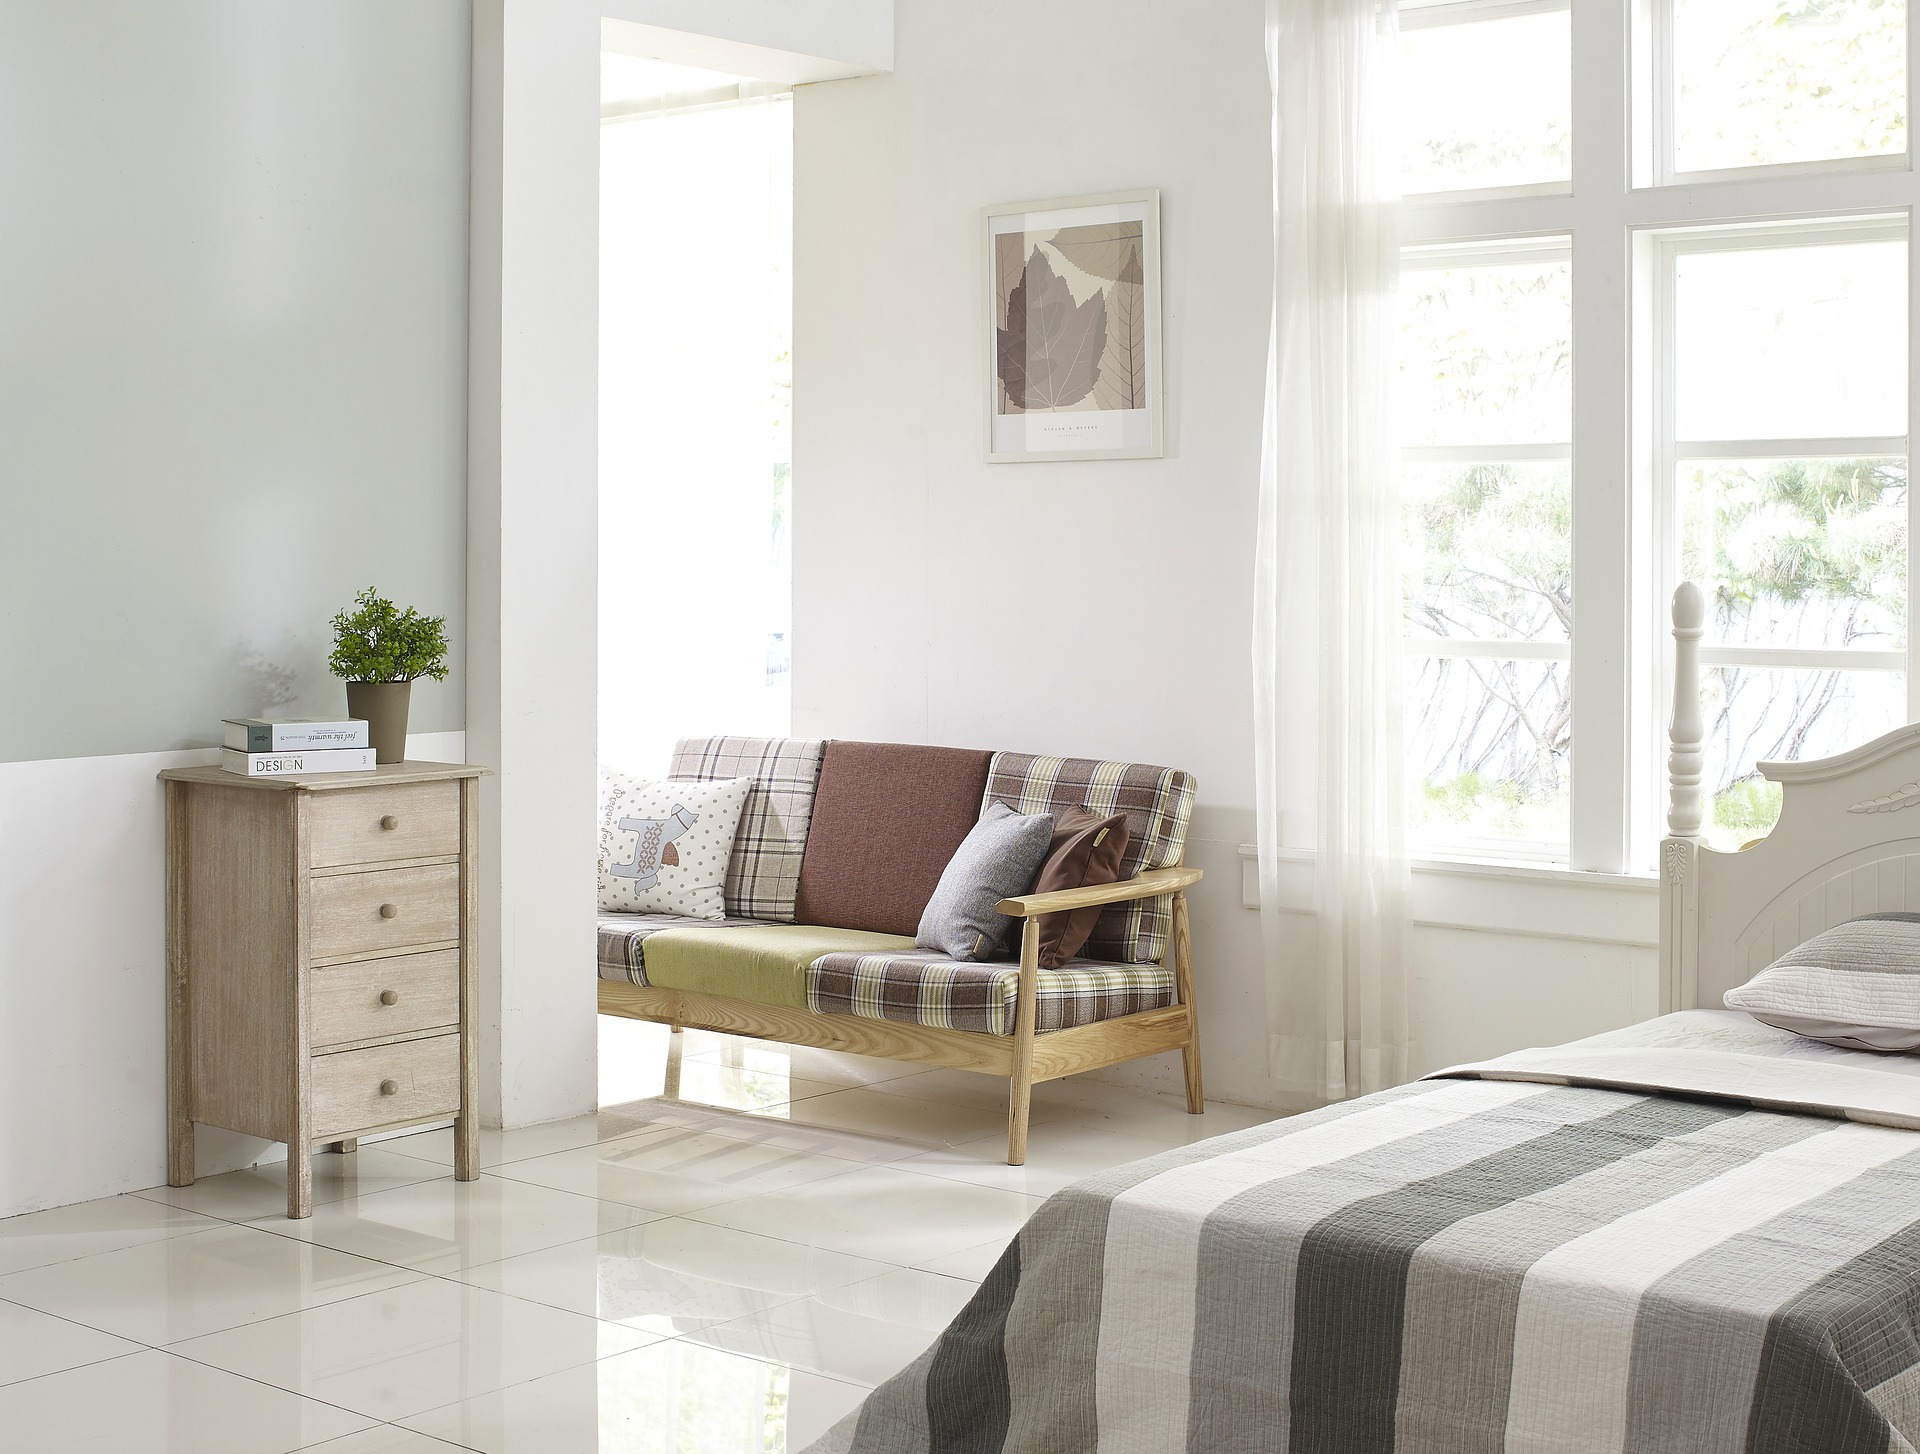 Das Schlafzimmer Ist Unser Ort Der Erholung Und Regeneration. Nicht Nur Das  Bett, Sondern Auch Der Rest Des Raumes Und Auch Der Bodenbelag ...